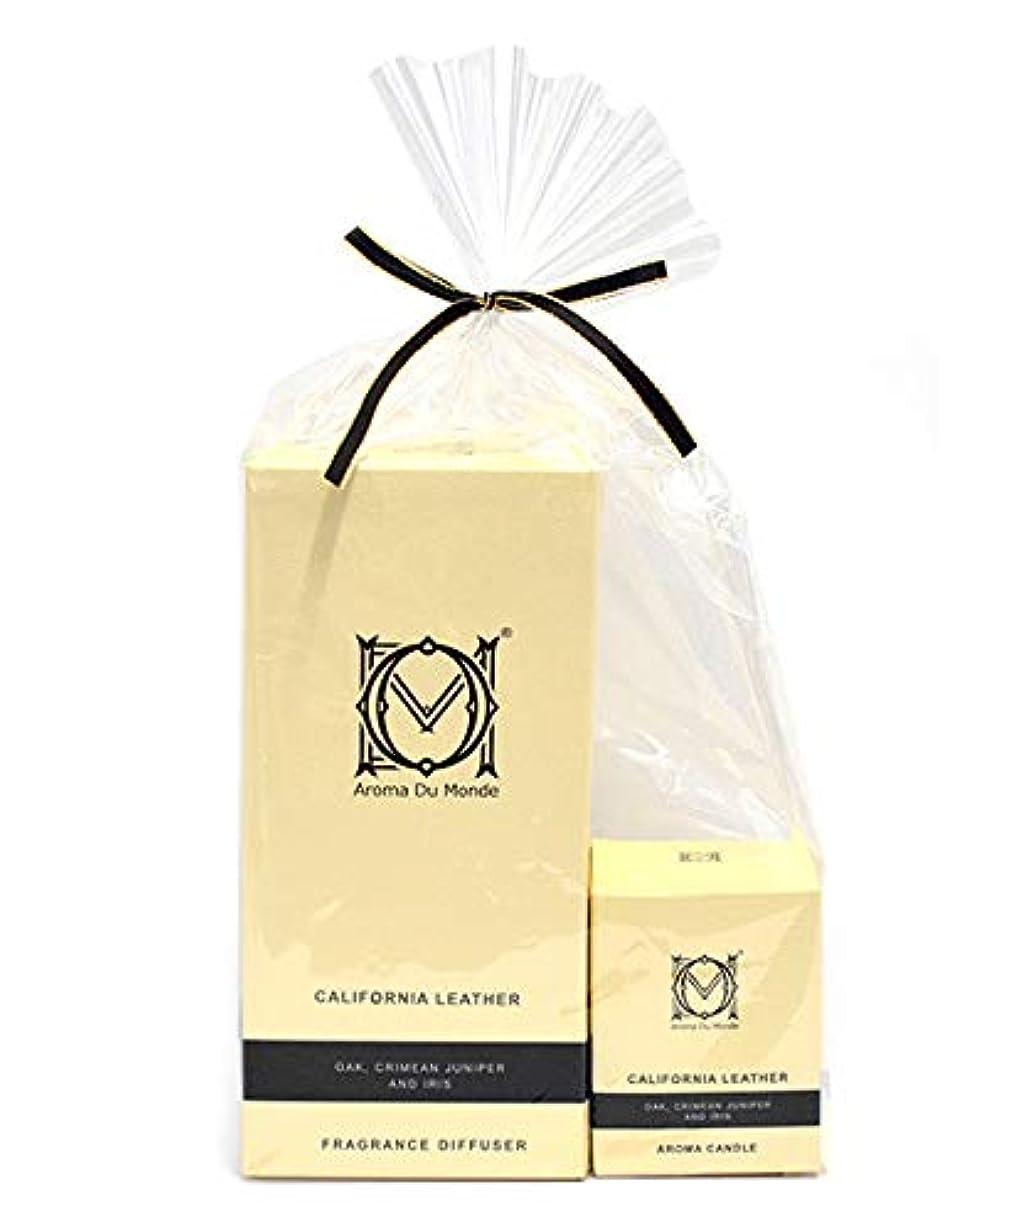 ペイント既にチョークフレグランスディフューザー&キャンドル カリフォルニアレザー セット Aroma Du Monde/ADM Fragrance Diffuser & Candle California Leather Set 81159